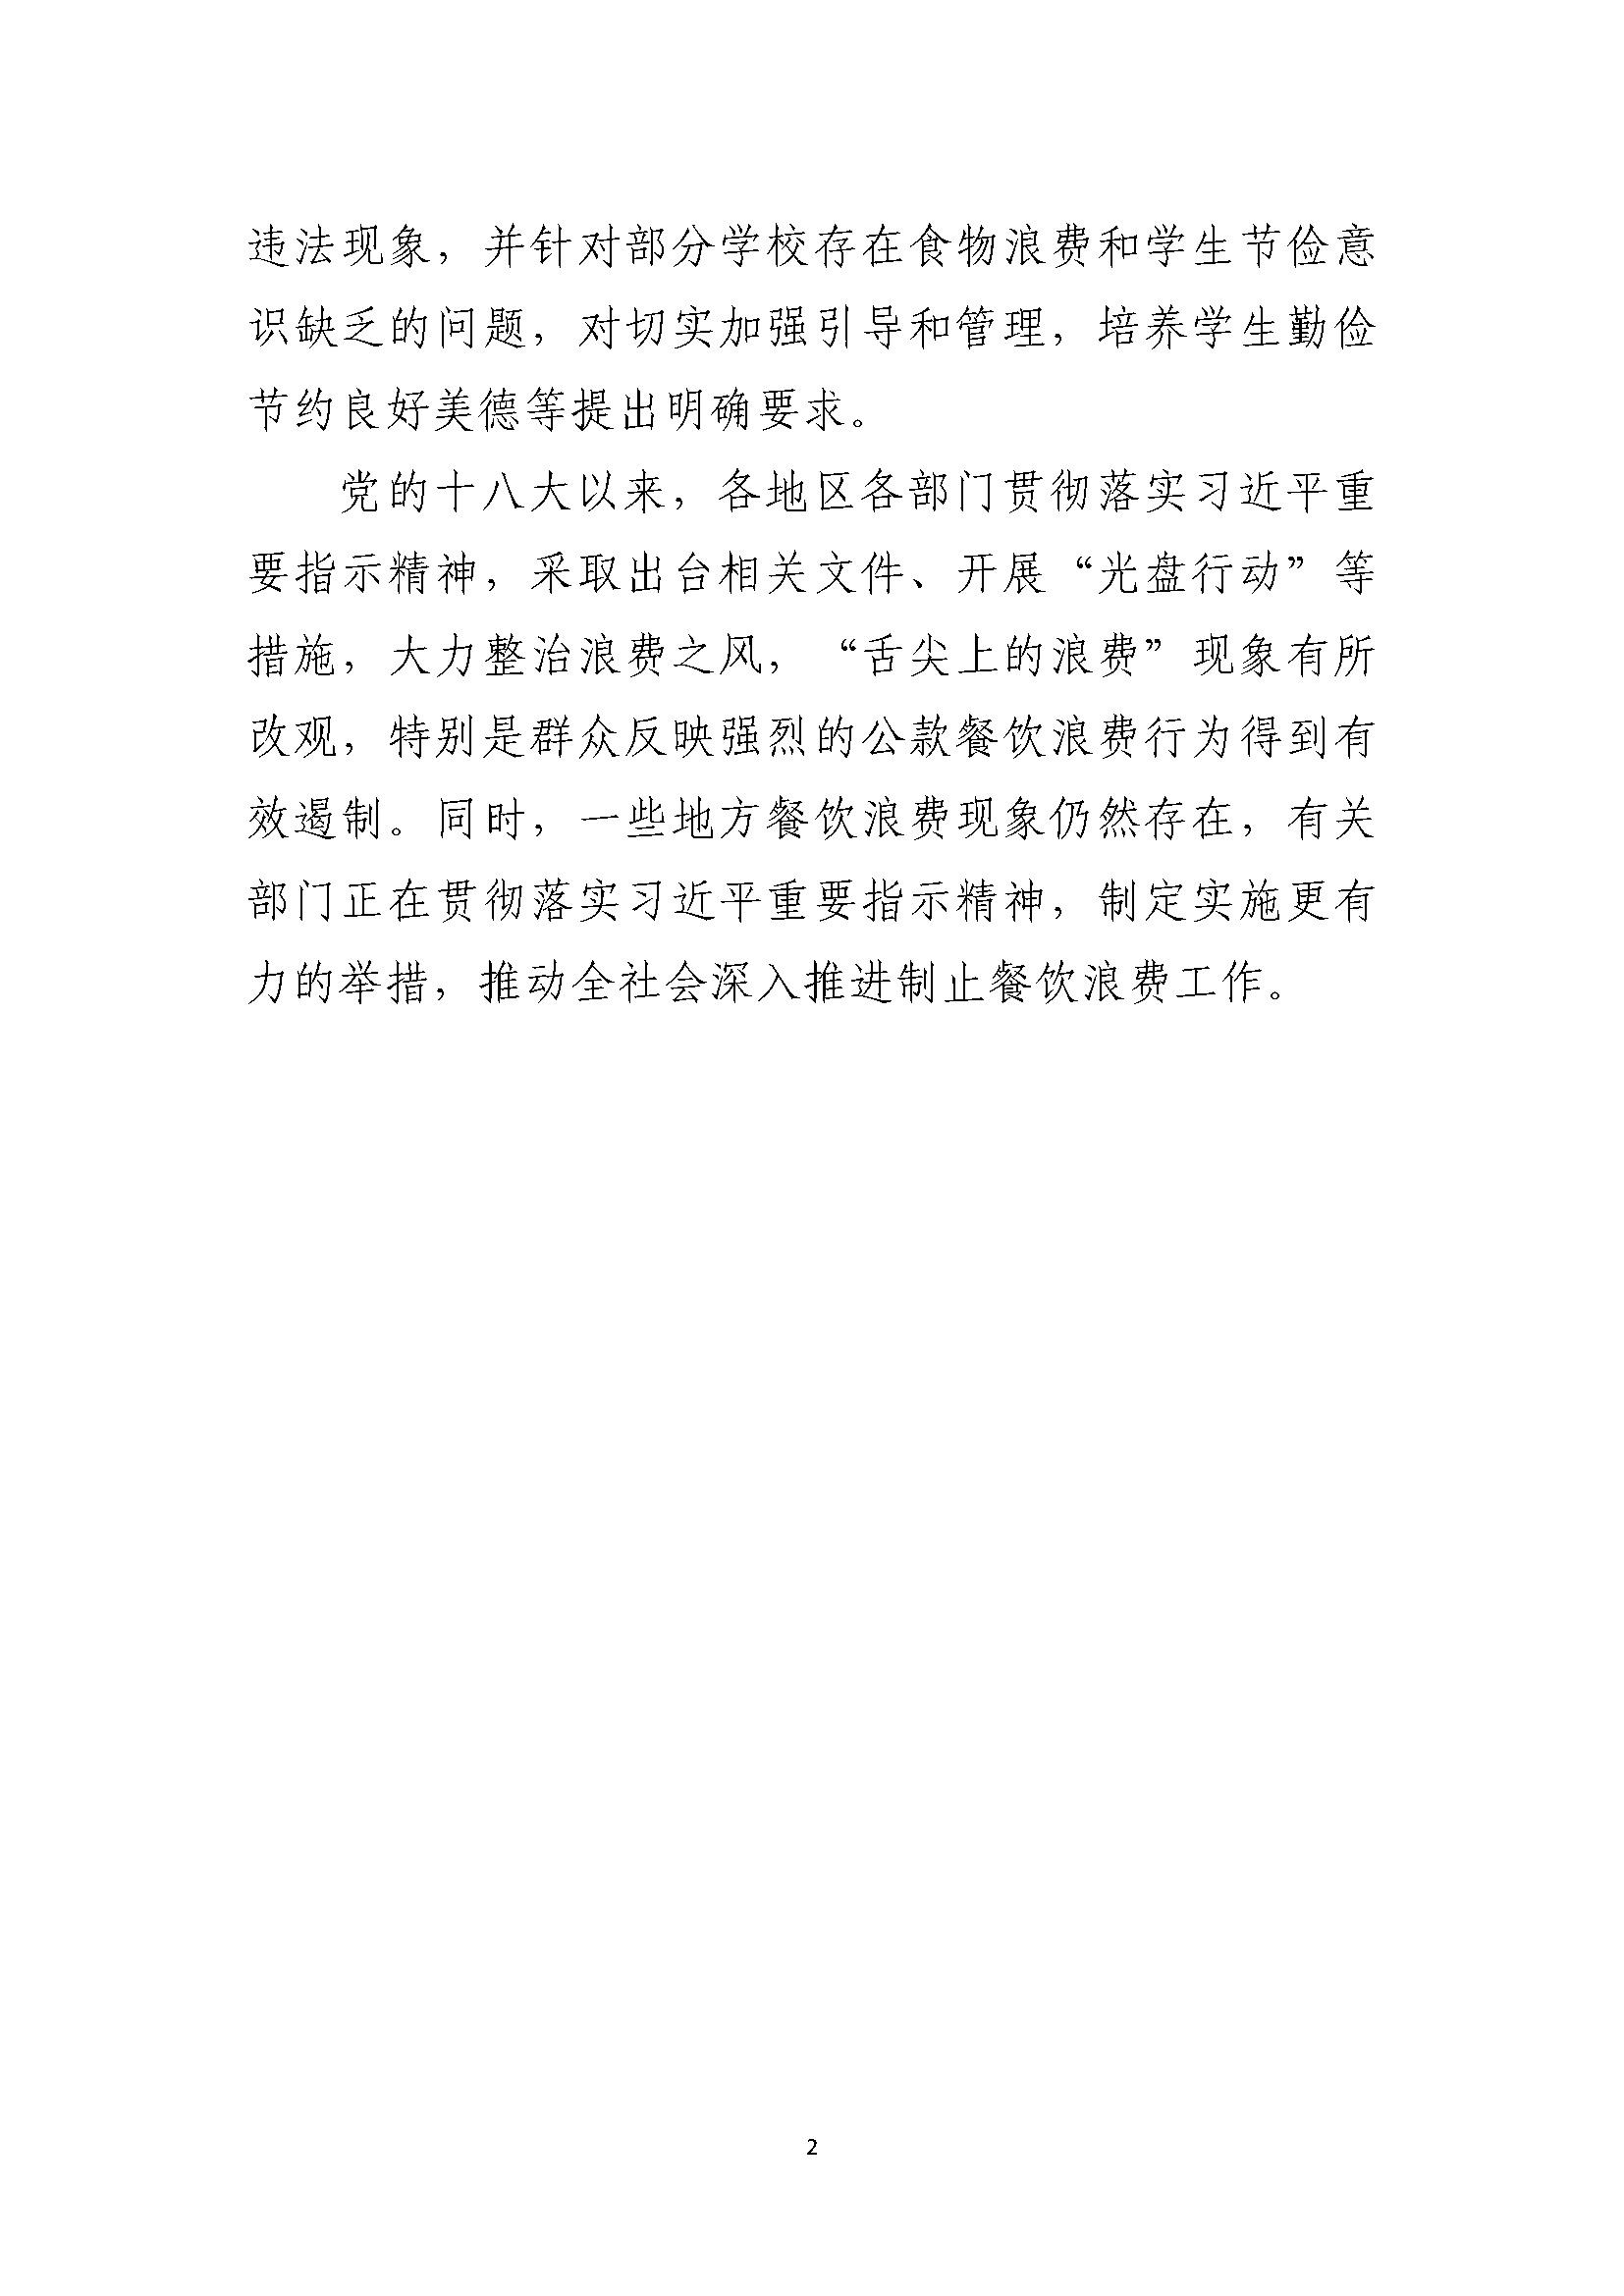 学习材料1:习近平总书记关于厉行节约、反对浪费的重要指示_页面_2.jpg